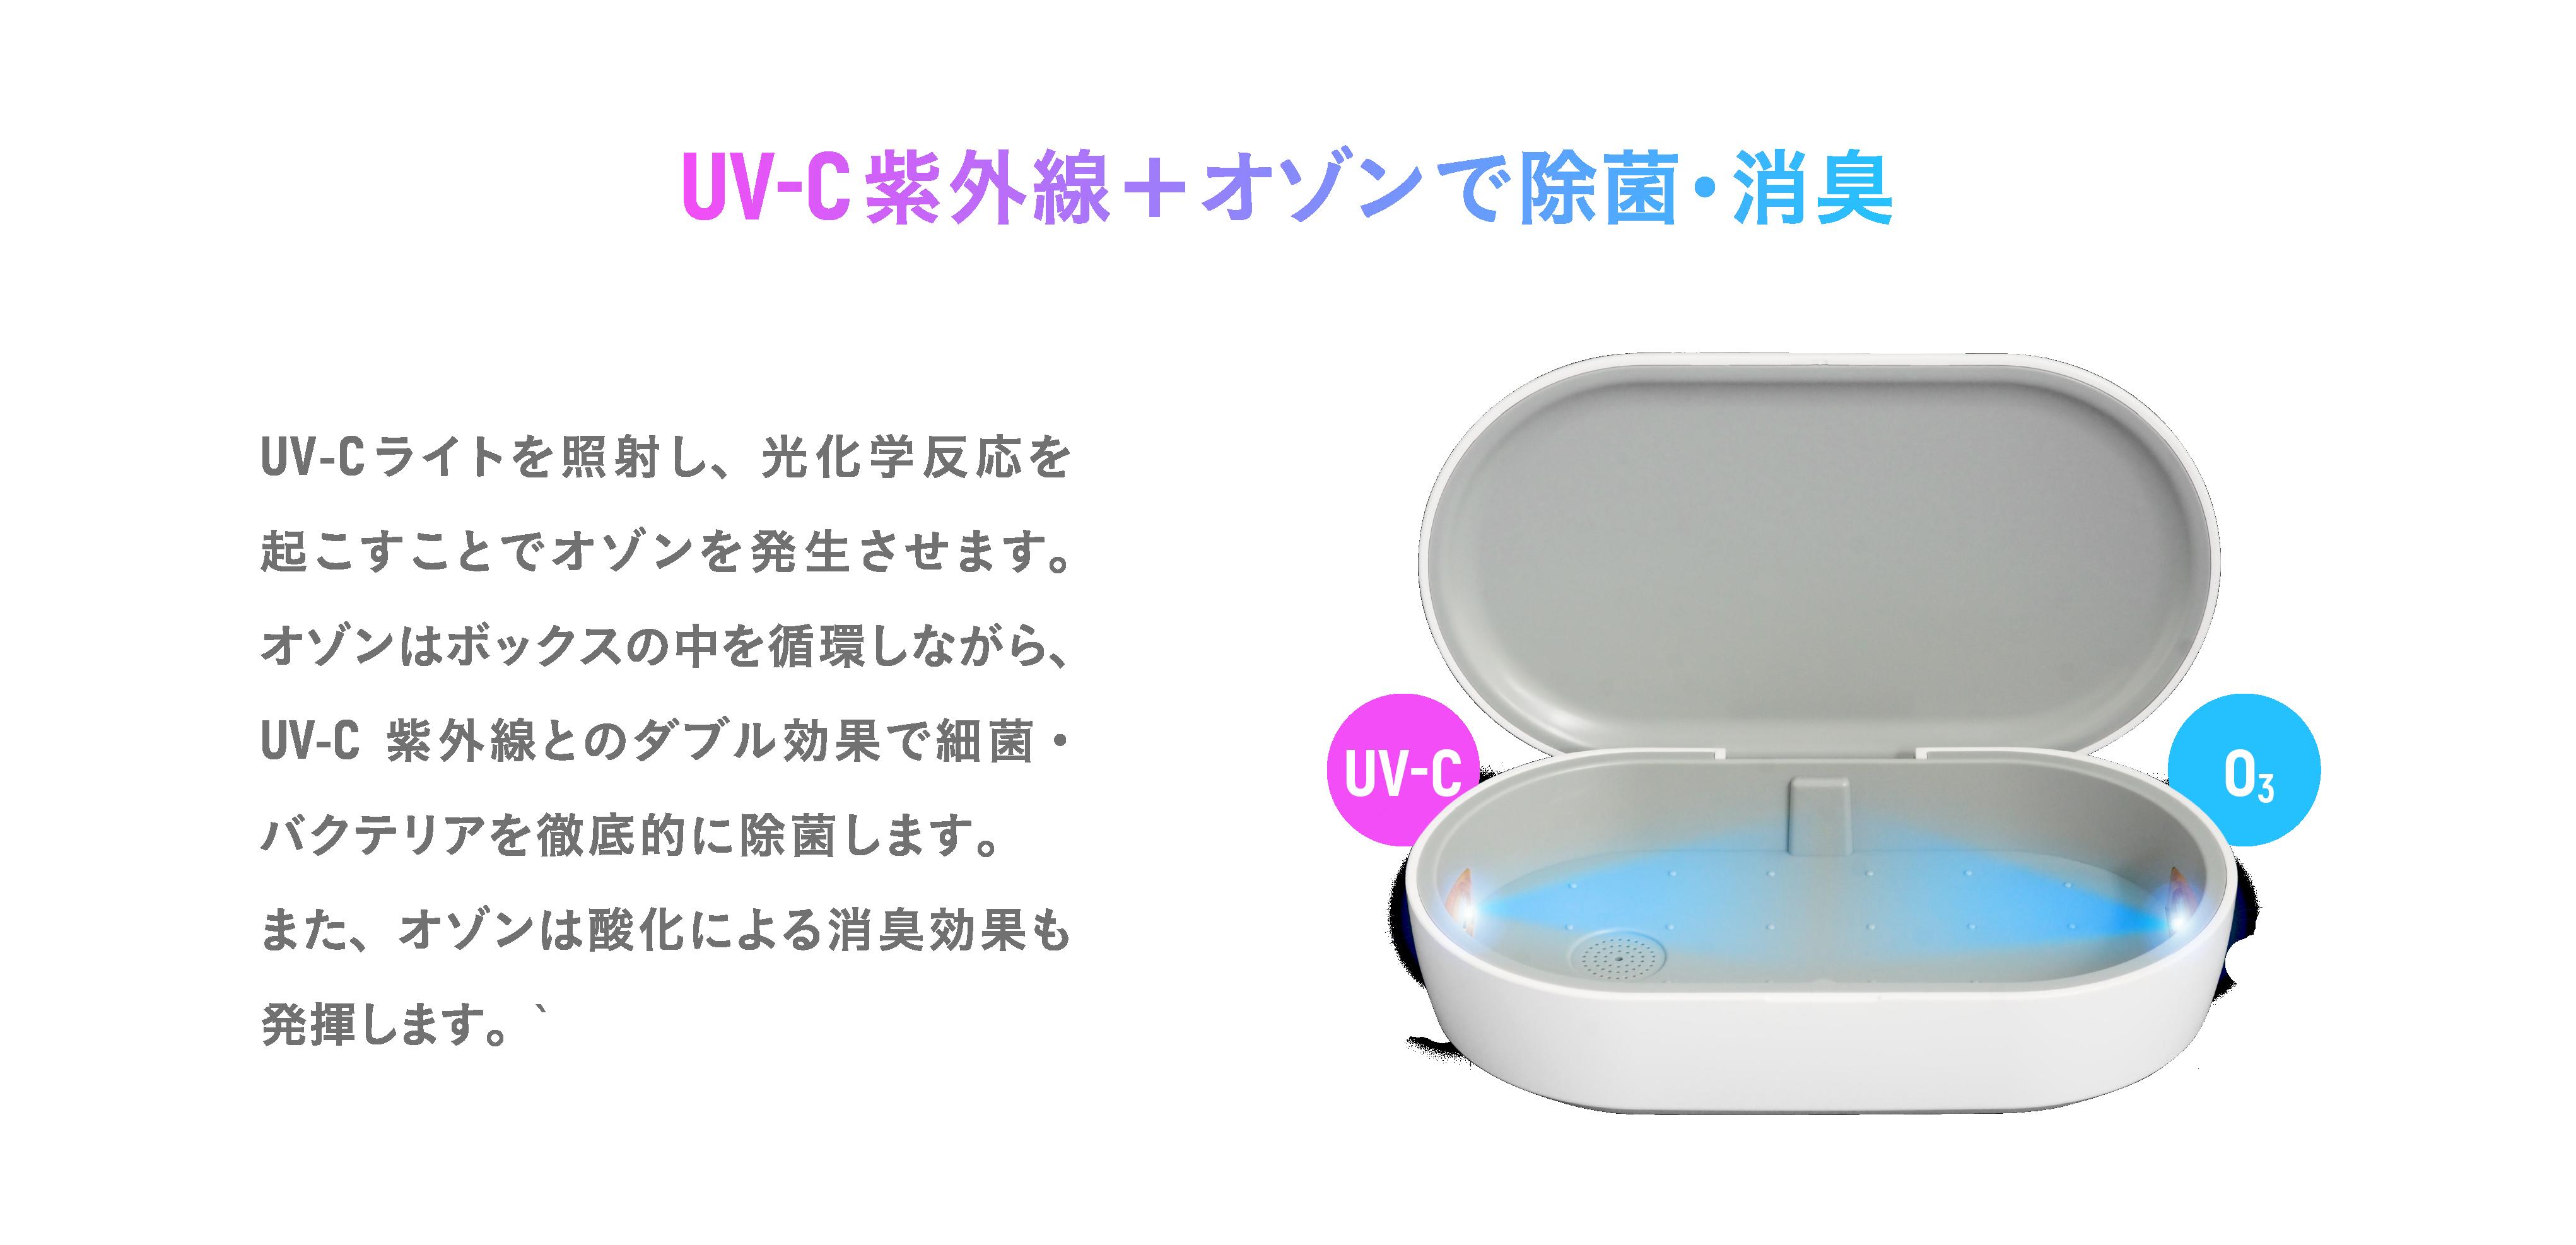 UV-C紫外線+オゾンで除菌・消臭